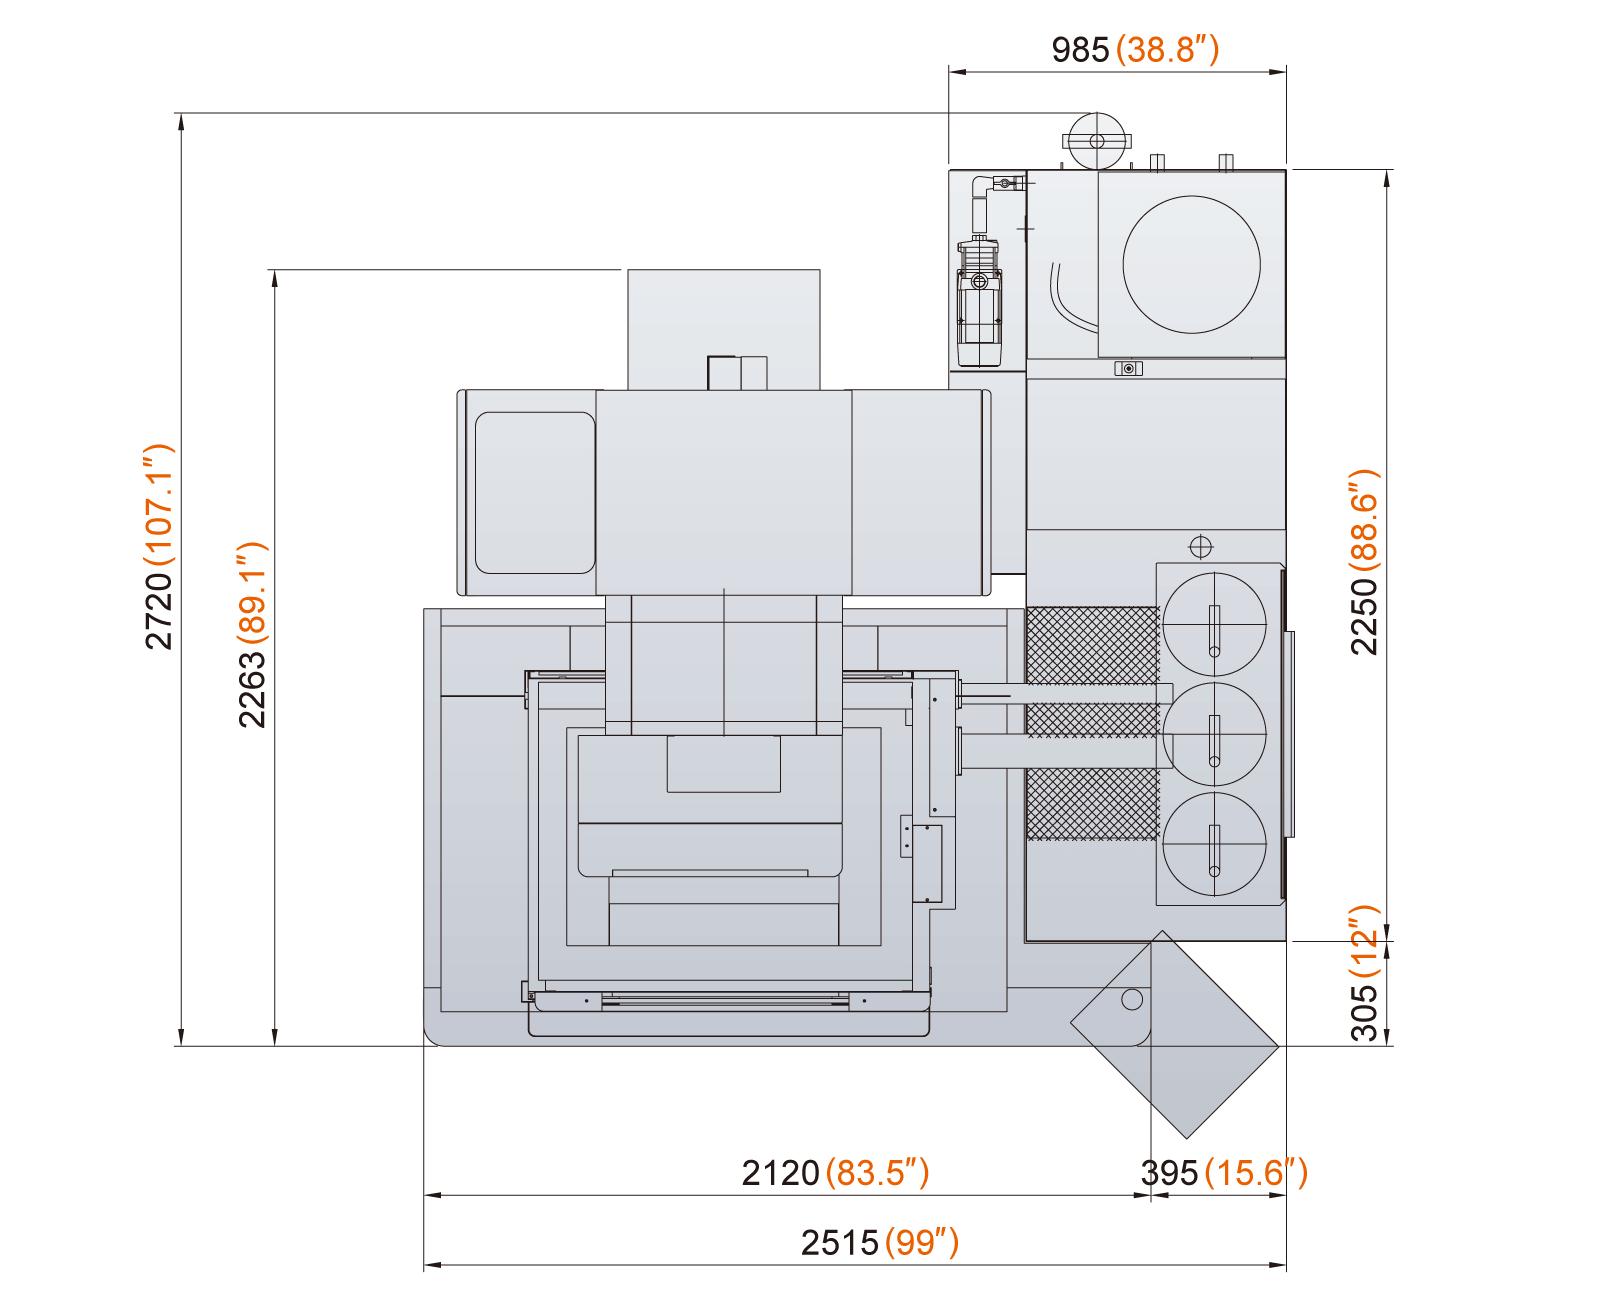 Excetek V650G dimensions